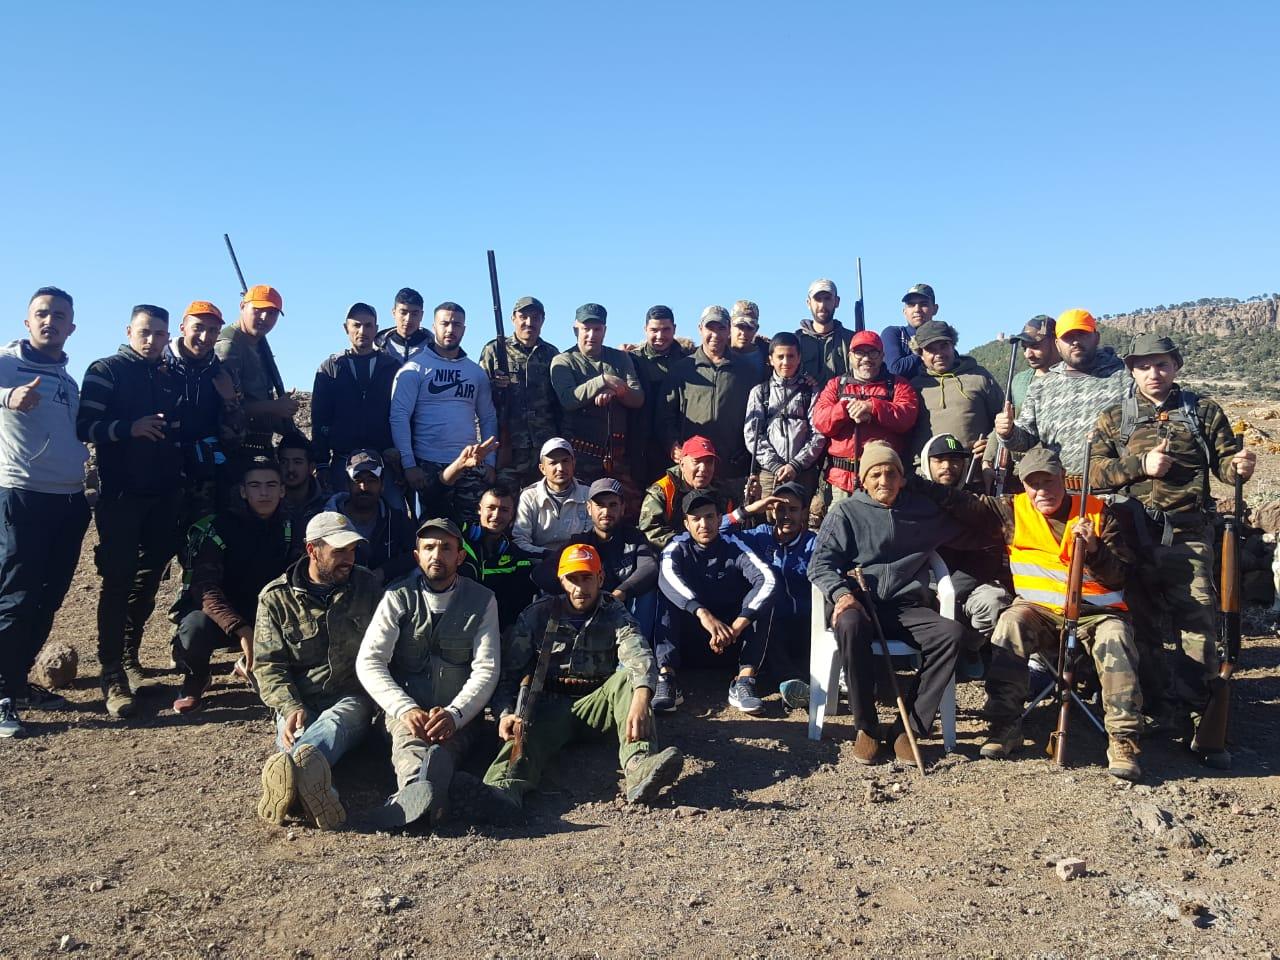 روبورتاج الناظور: جمعية الأخوين للرماية والقنص تنظم إحاشة لقتل الخنزير البري